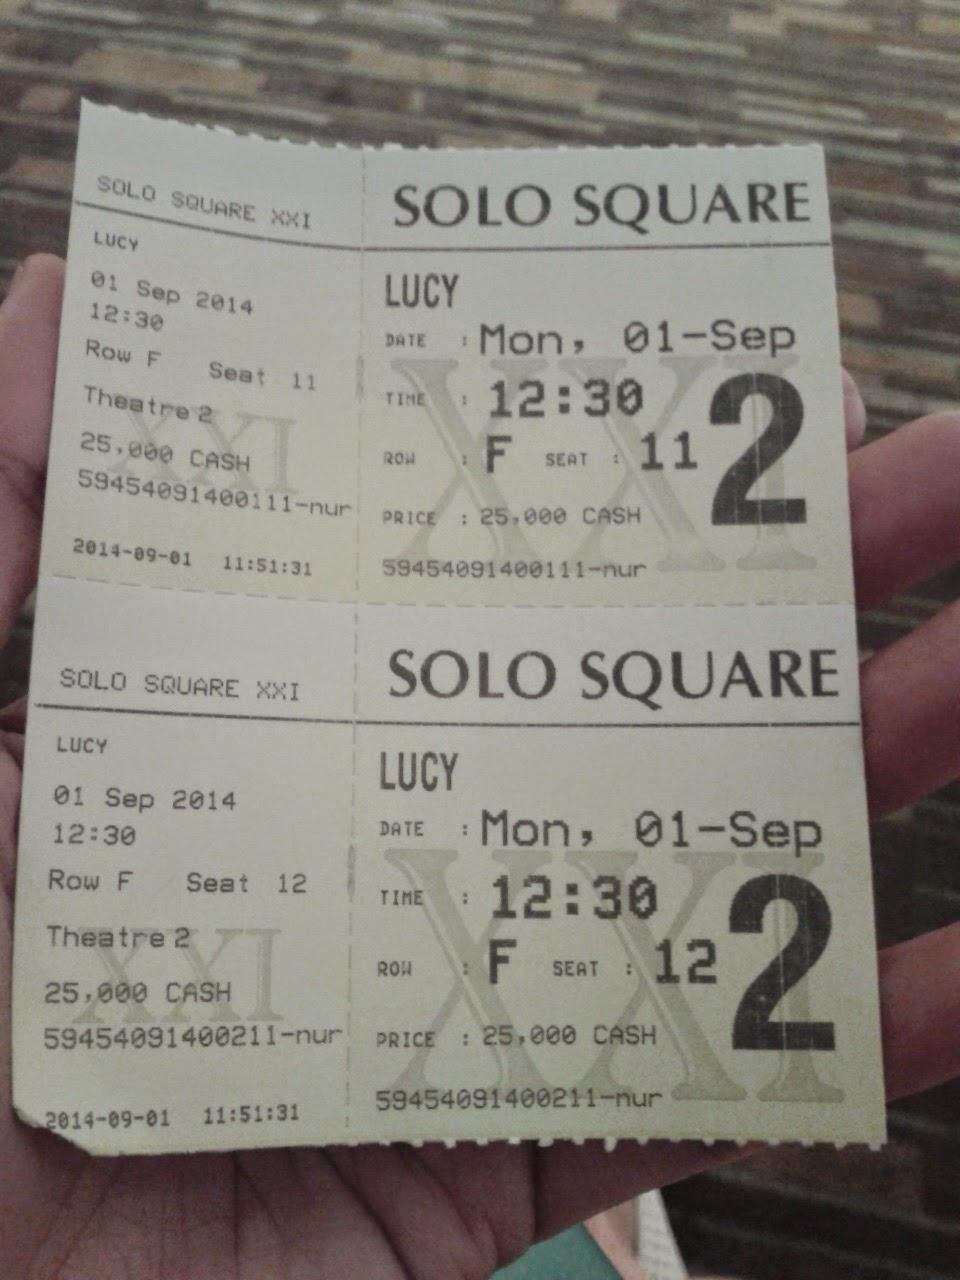 Jadwal Bioskop Di Solo Square : jadwal, bioskop, square, Kumpulan, Bioskop, Paragon